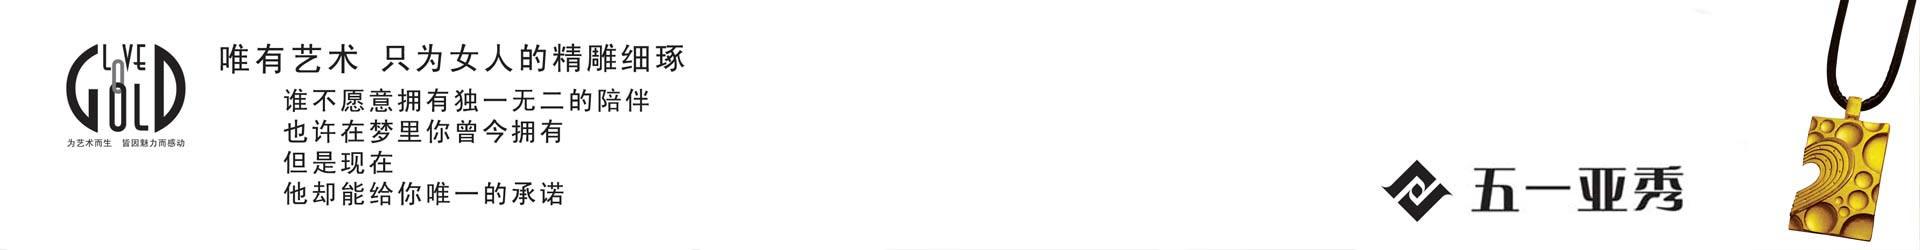 加入万博manbetx官网里约ManBetXAPP